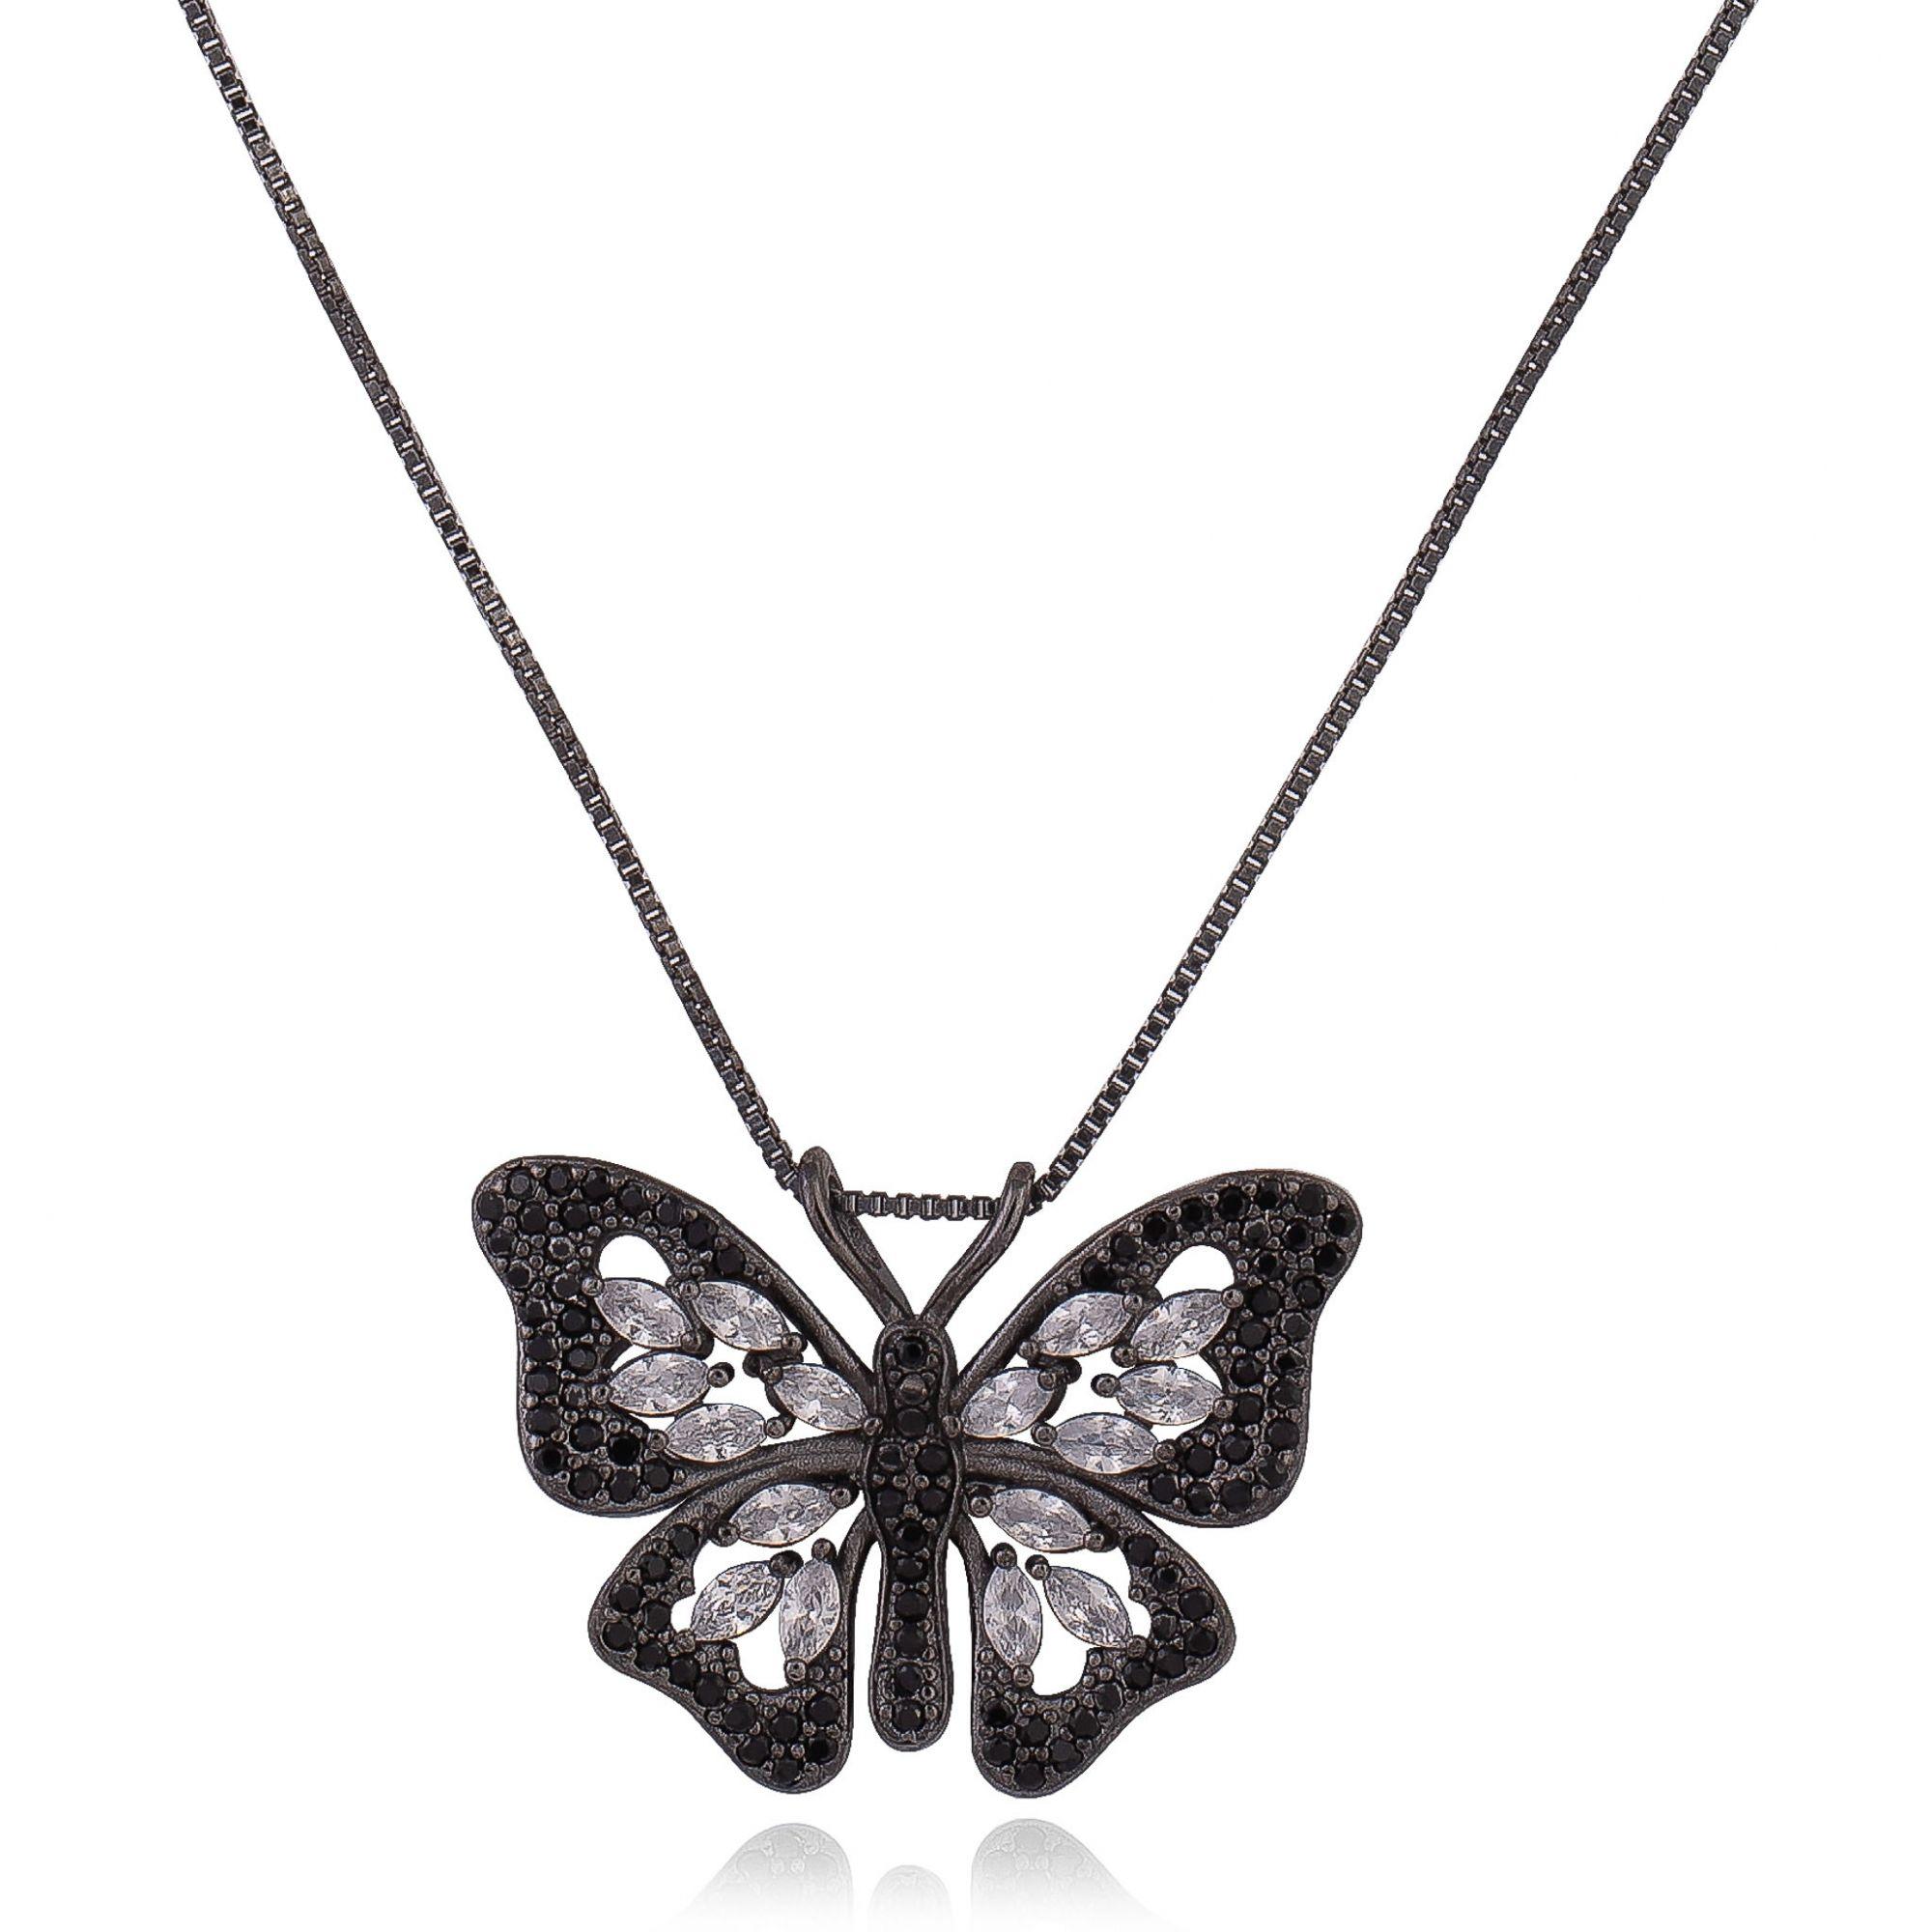 Colar de borboleta com zircônias cristais e negras banho de grafite.  - romabrazil.com.br